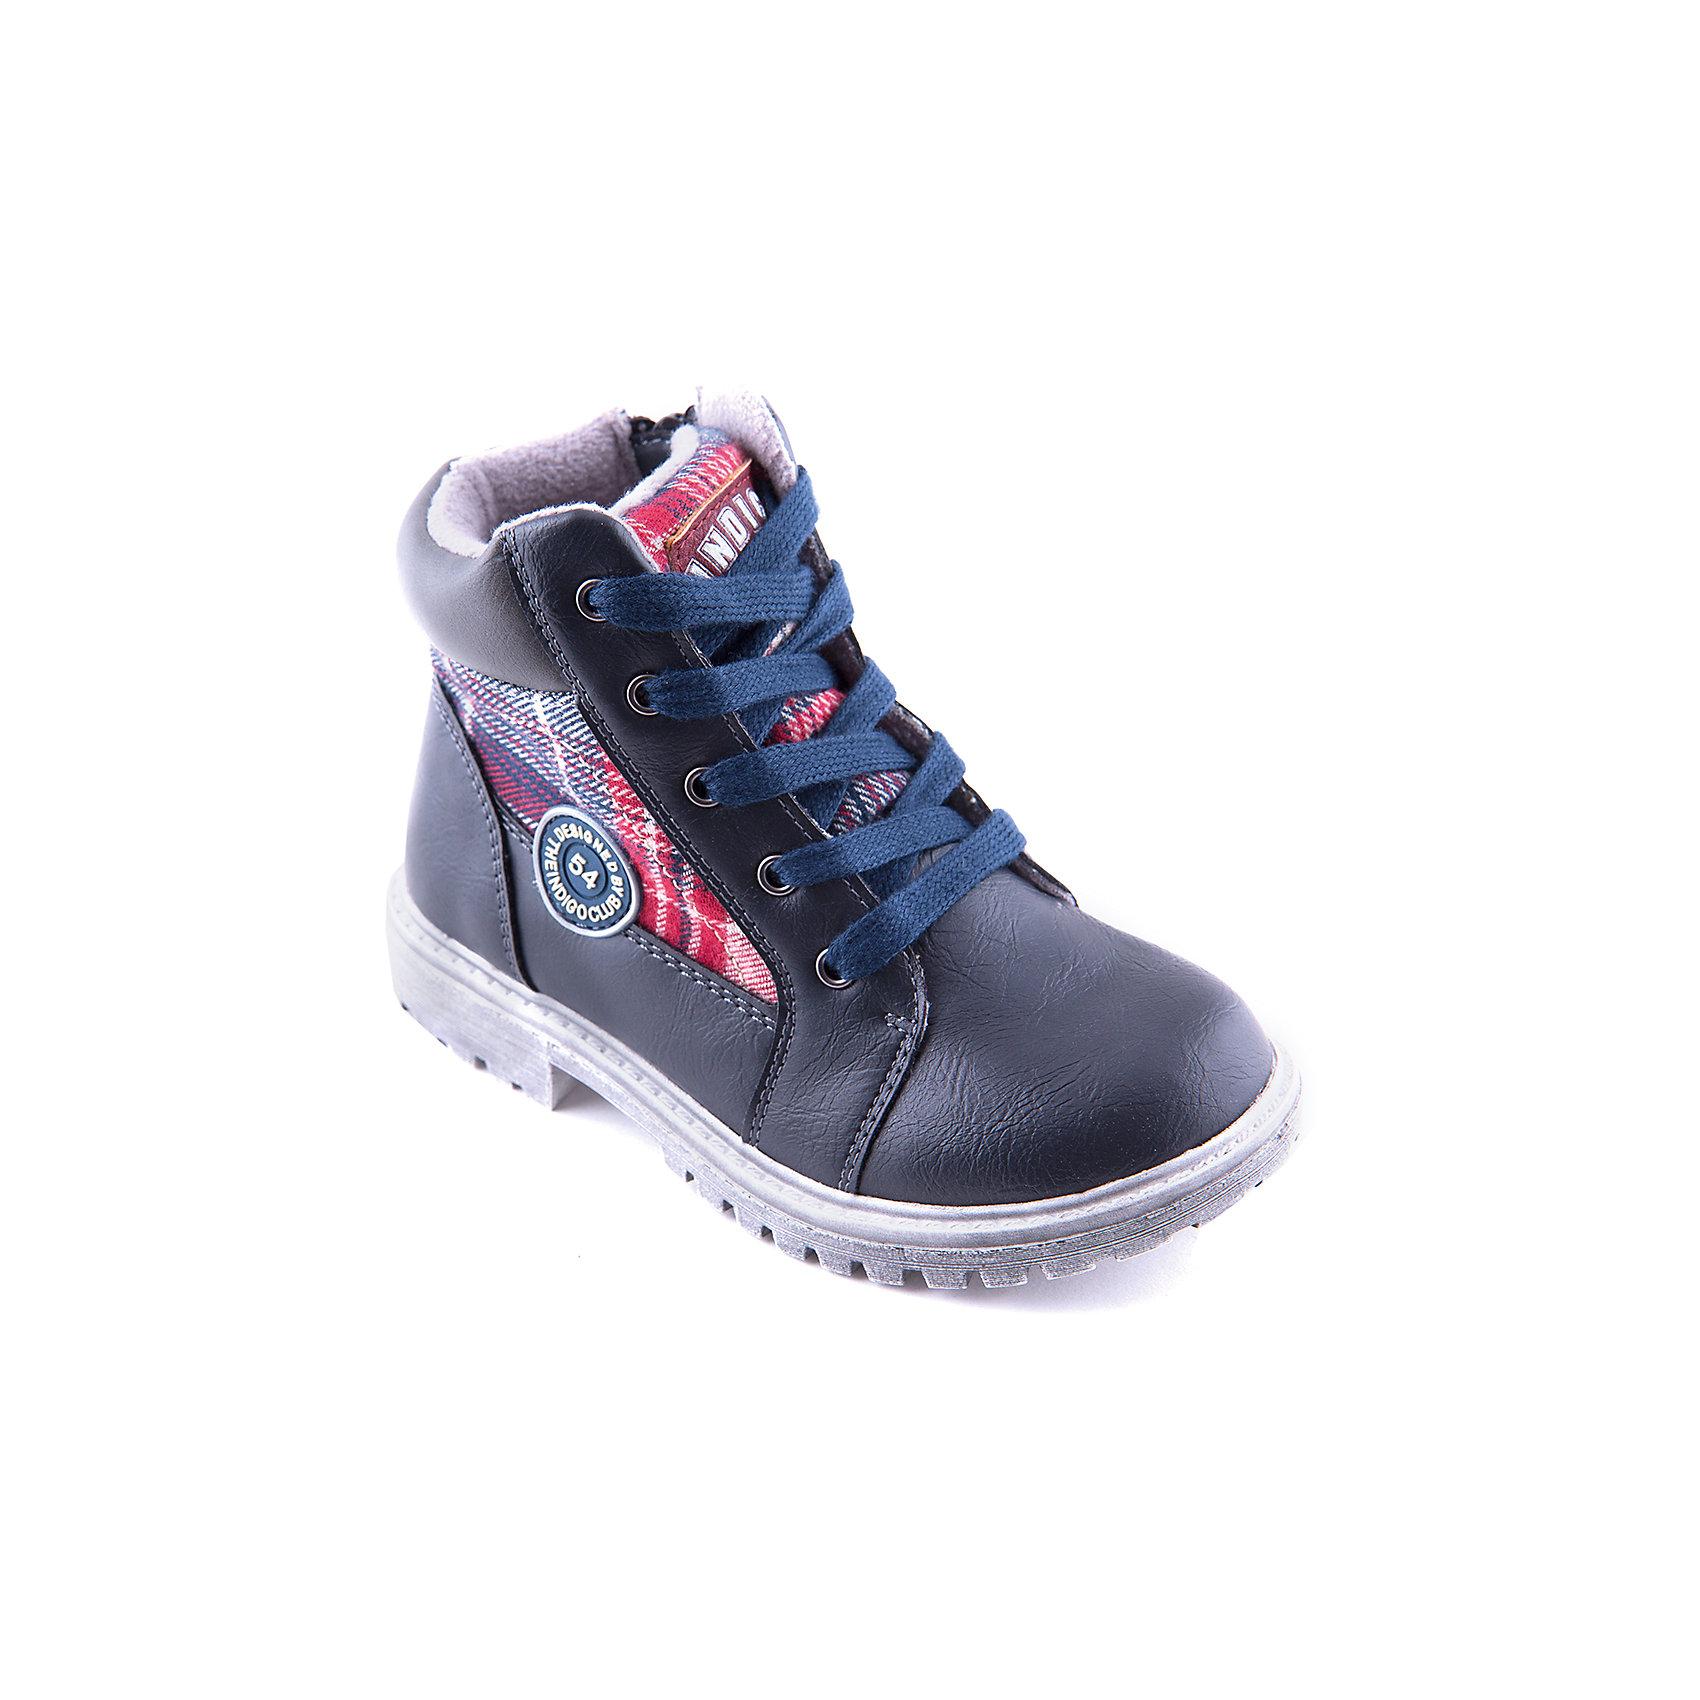 Ботинки для мальчика Indigo kidsОбувь для детей требует особого внимания: она предназначается для самых взыскательных покупателей и самых маленьких потребителей – родителей и детей. Дизайнеры и технологи, занимающиеся разработкой обуви для детей, учитывают особенности развивающейся детской стопы, поэтому, приобретая «Индиго Кидс»,  Вы можете быть уверены – она действительно создана специально для детей. Каждая модель обладает профилактической стелькой из натуральной кожи, способствующей правильному формированию стопы ребенка. <br><br>Состав:<br>Материал верха: Кожа искусственная<br>Материал подклада: Байка<br>Стелька: Байка<br>Подошва: ТЭП<br><br>Ширина мм: 262<br>Глубина мм: 176<br>Высота мм: 97<br>Вес г: 427<br>Цвет: серый<br>Возраст от месяцев: 84<br>Возраст до месяцев: 96<br>Пол: Мужской<br>Возраст: Детский<br>Размер: 31,33,32,29,28,30<br>SKU: 4262301